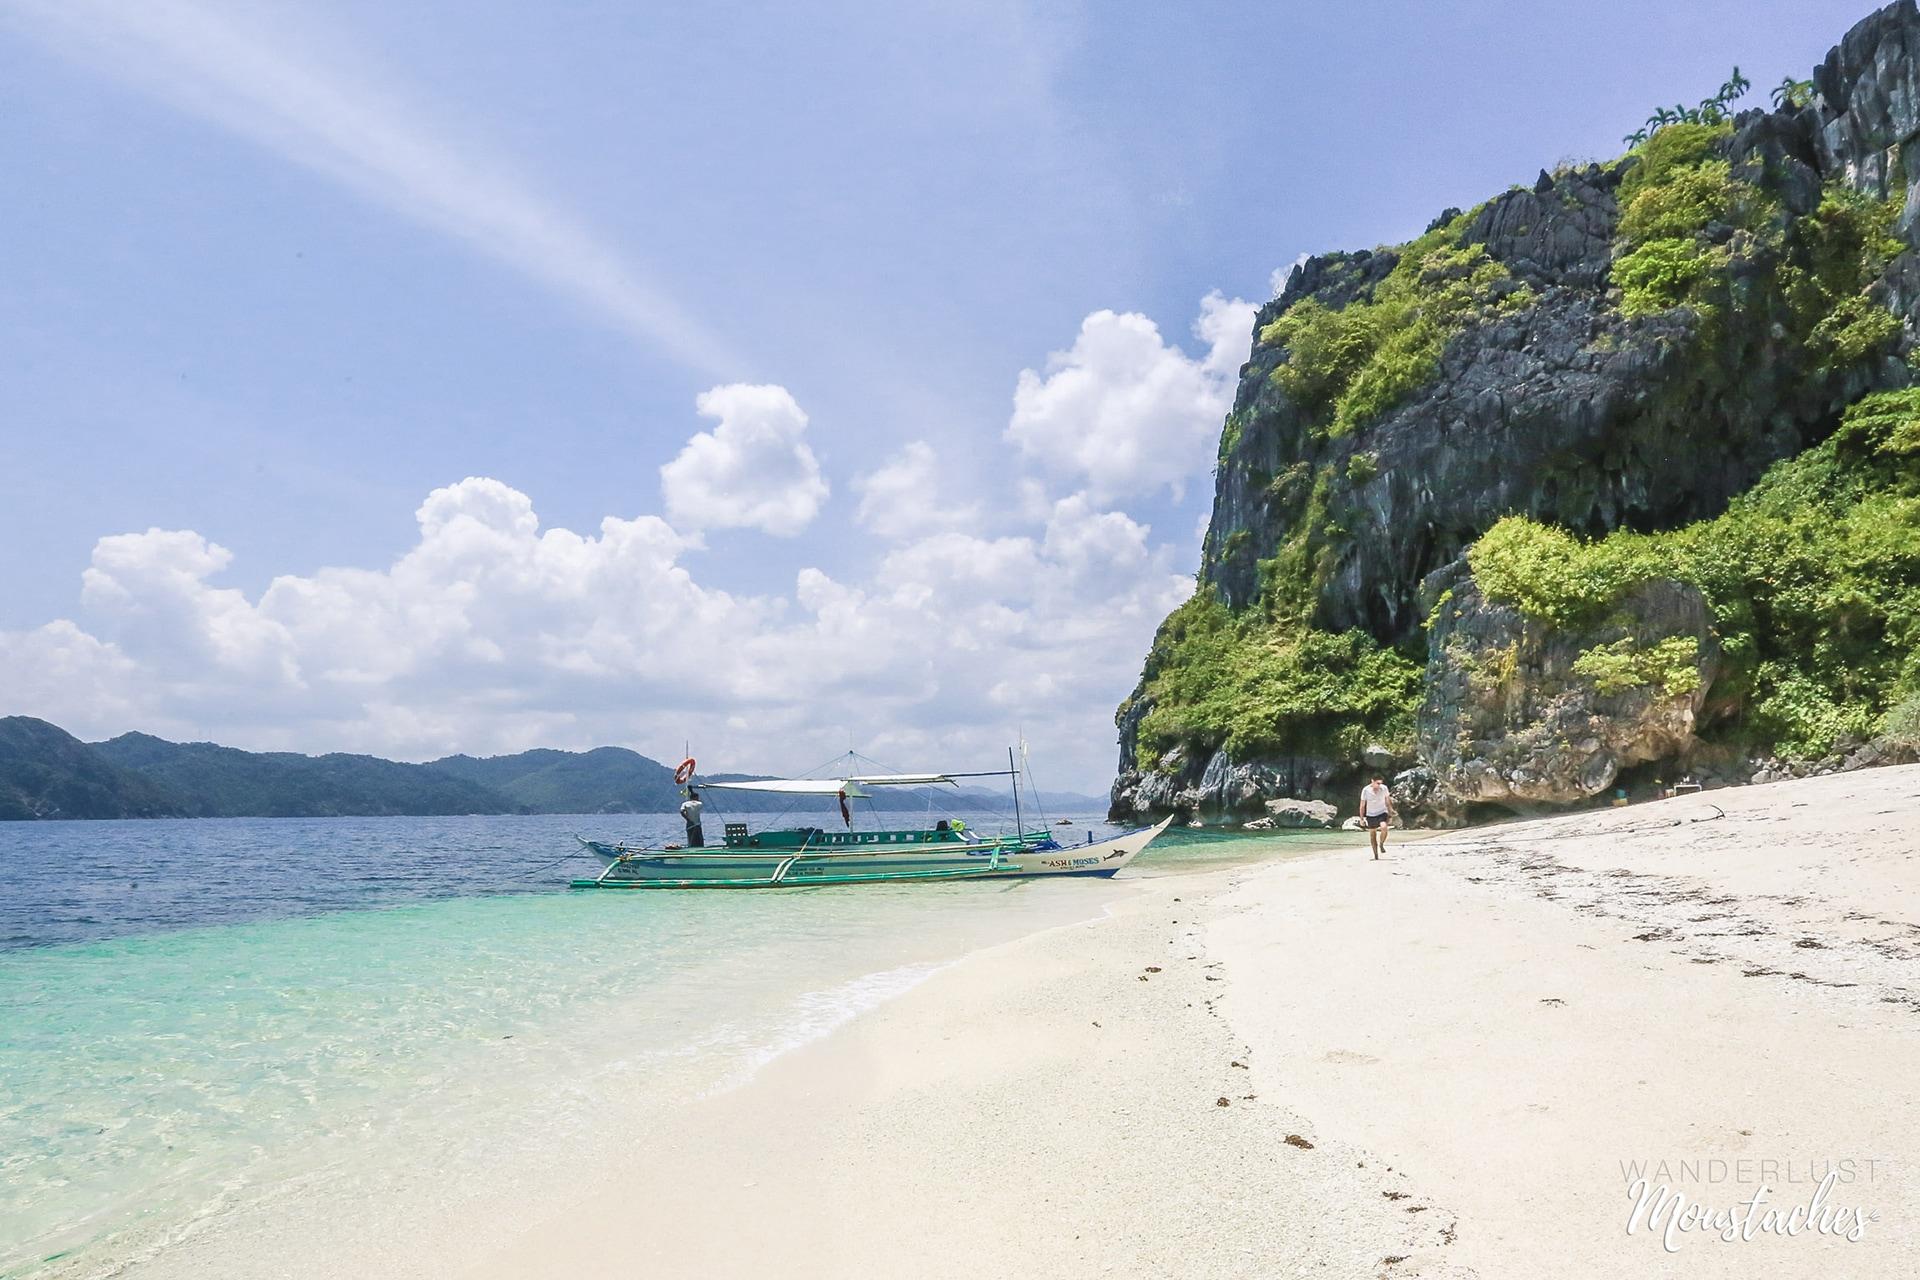 Une des plages idylliques de l'archipel de Bacuit